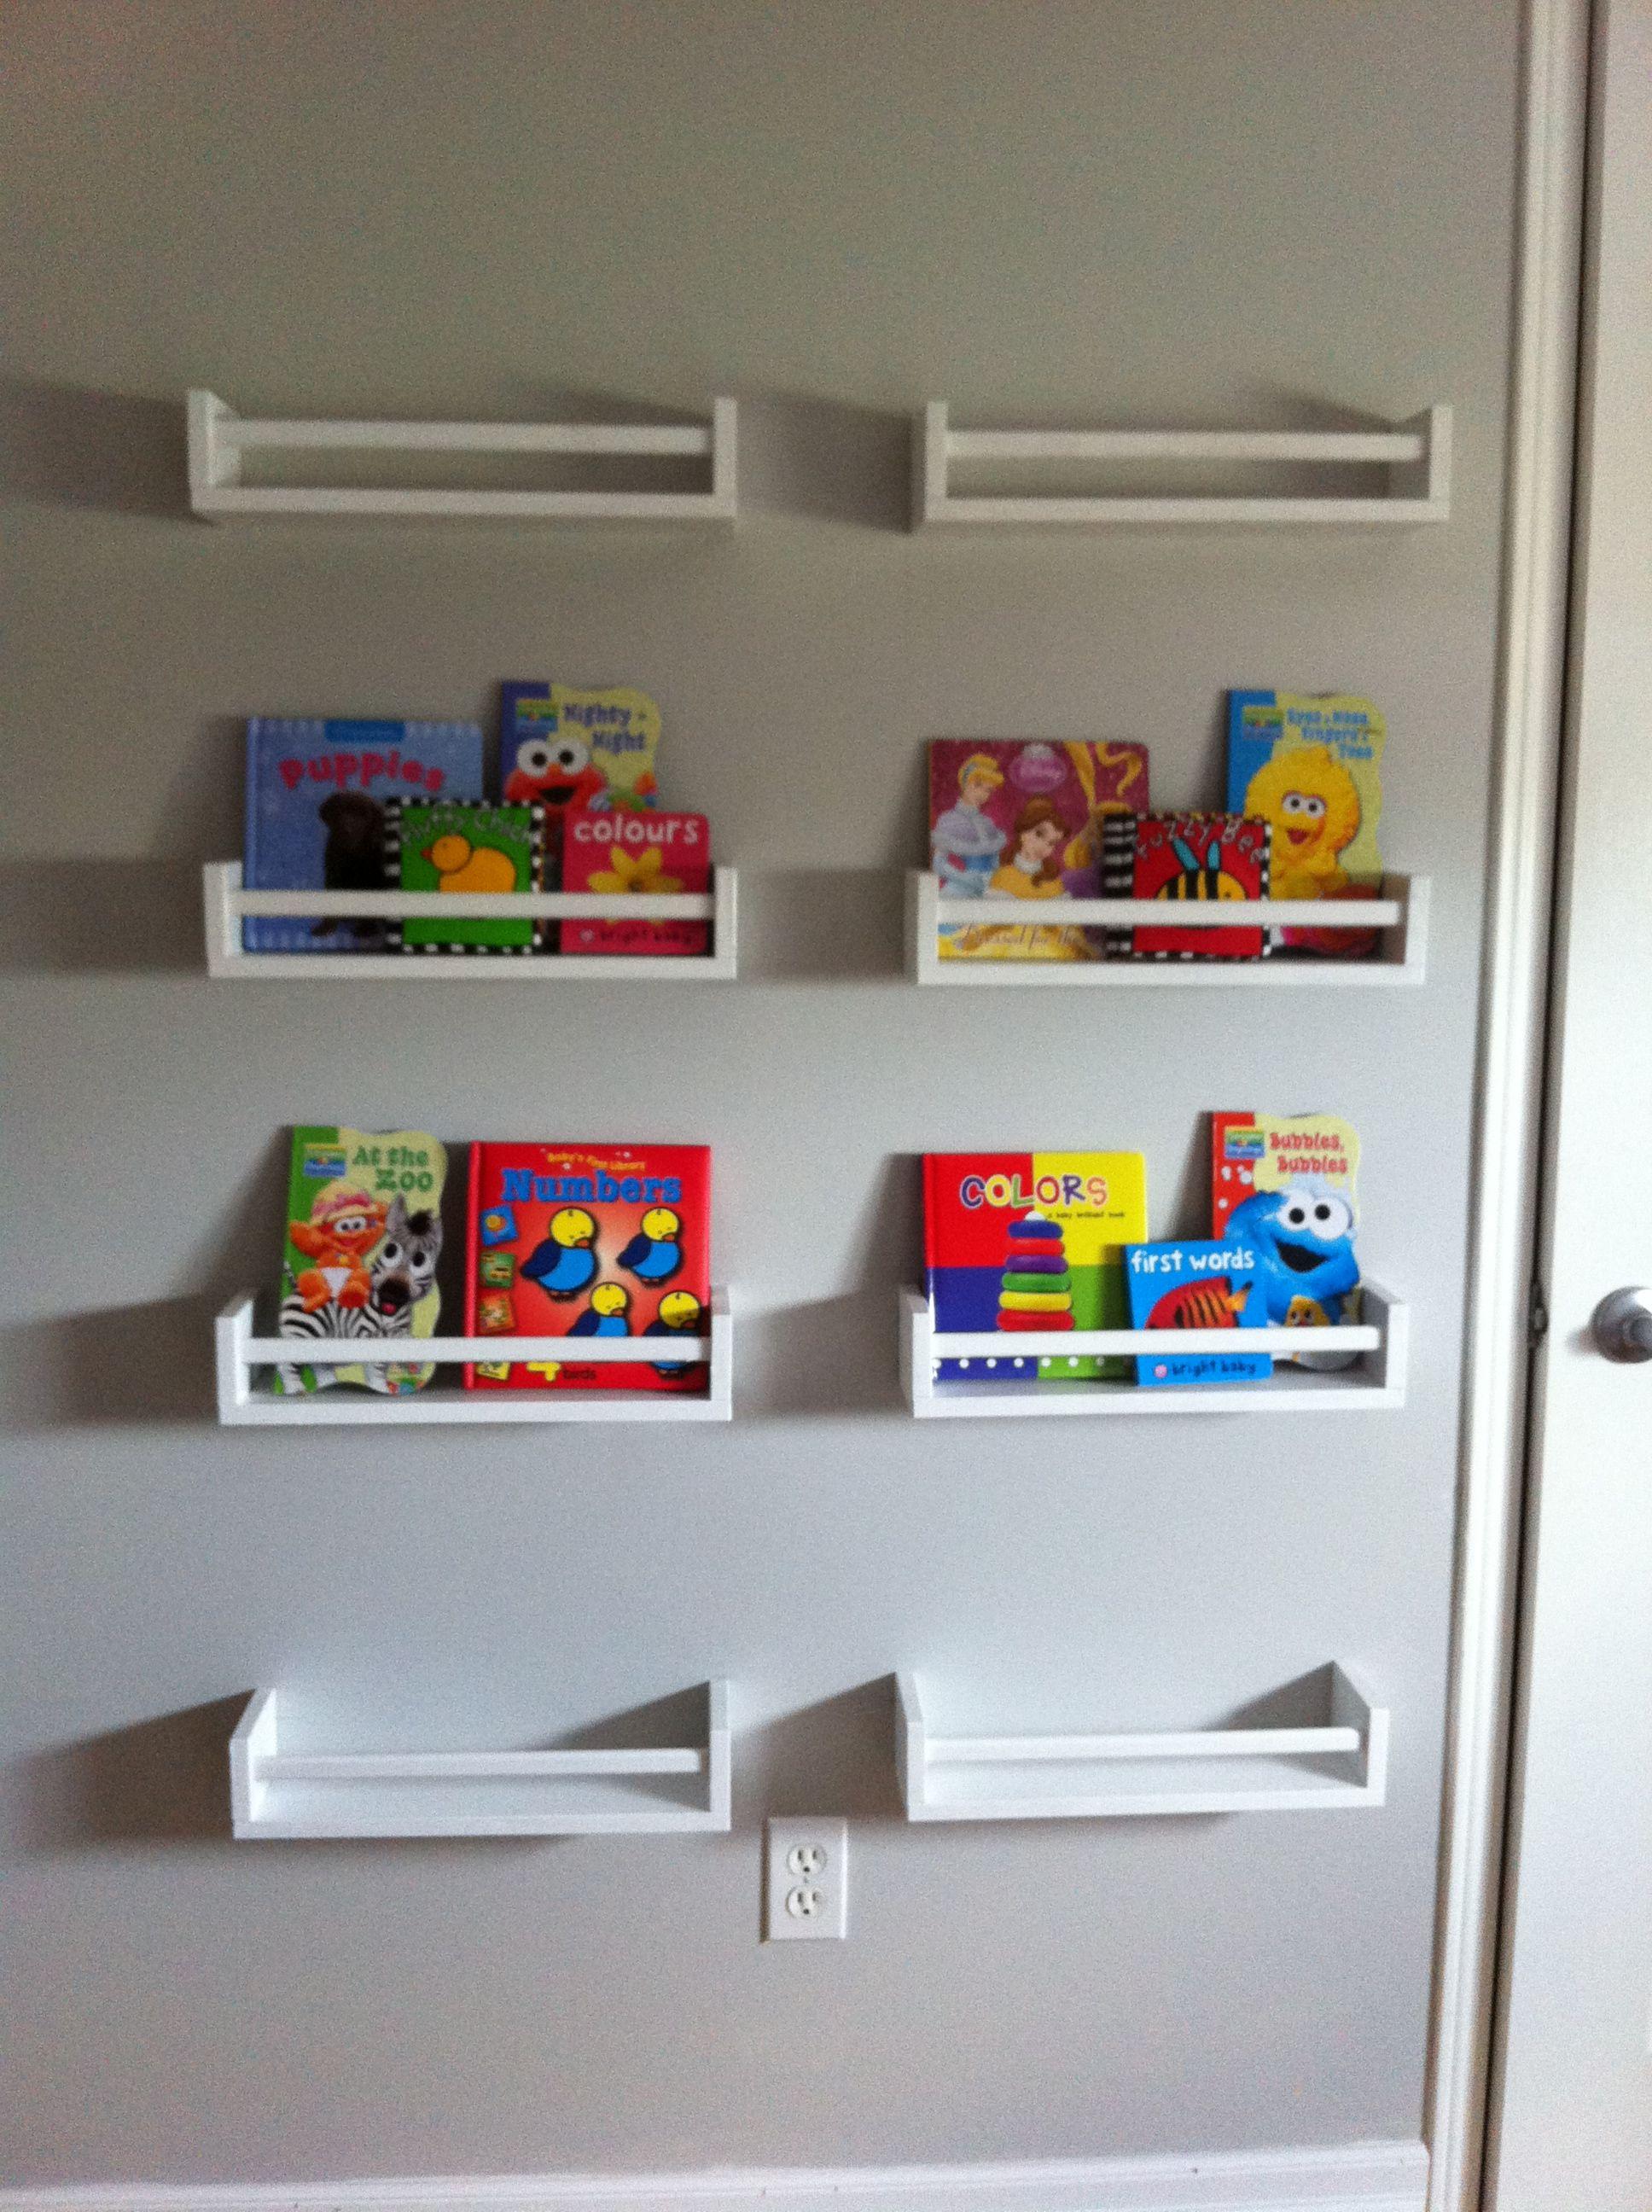 Wall Mounted Bookshelves Using Bekvam Spice Racks Painted White Ive Seen